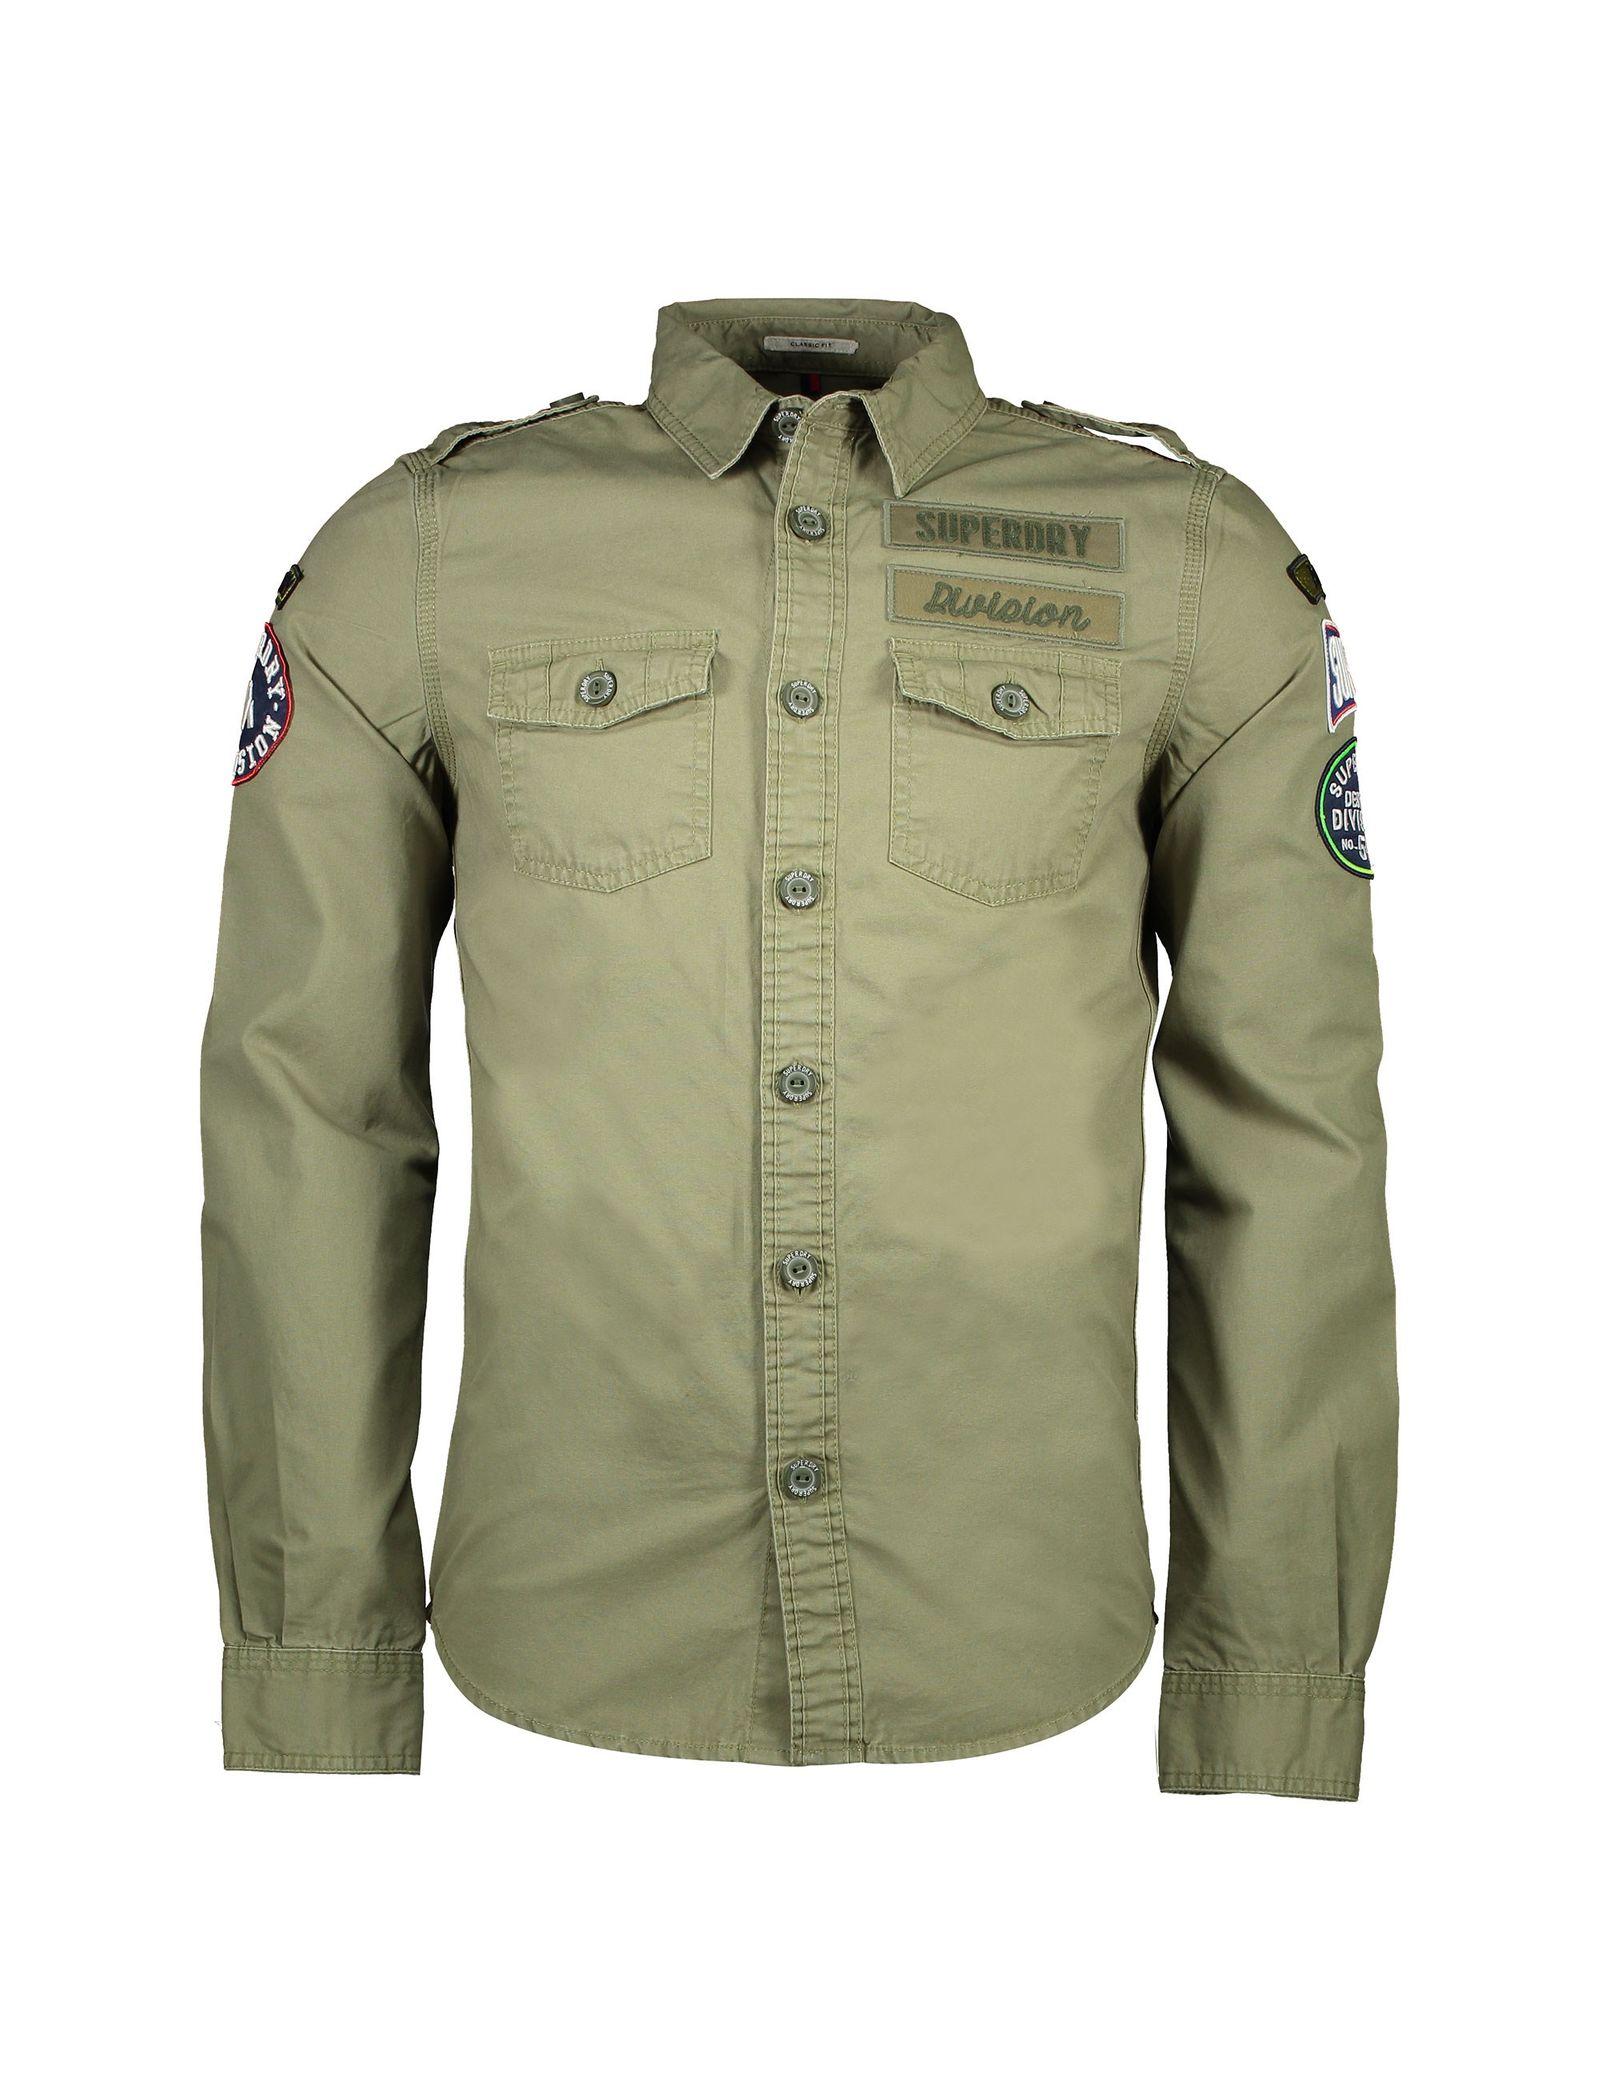 پیراهن نخی آستین بلند مردانه - سوپردرای - سبز - 1